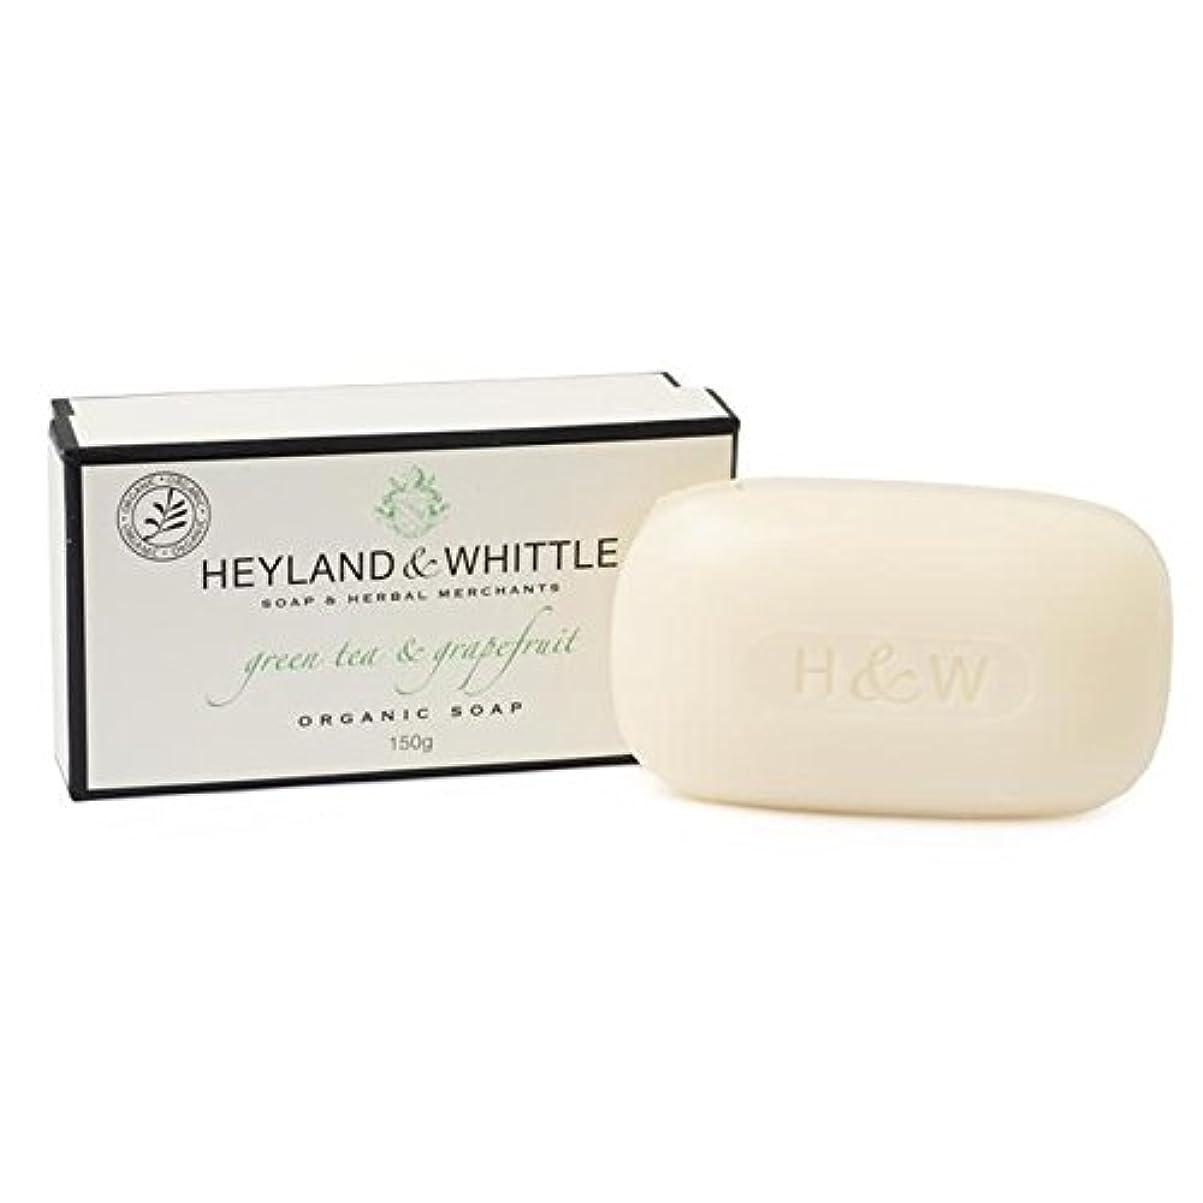 枠頂点熱心&削る緑茶&グレープフルーツはオーガニックソープ150グラム箱入り x2 - Heyland & Whittle Green Tea & Grapefruit Boxed Organic Soap 150g (Pack...